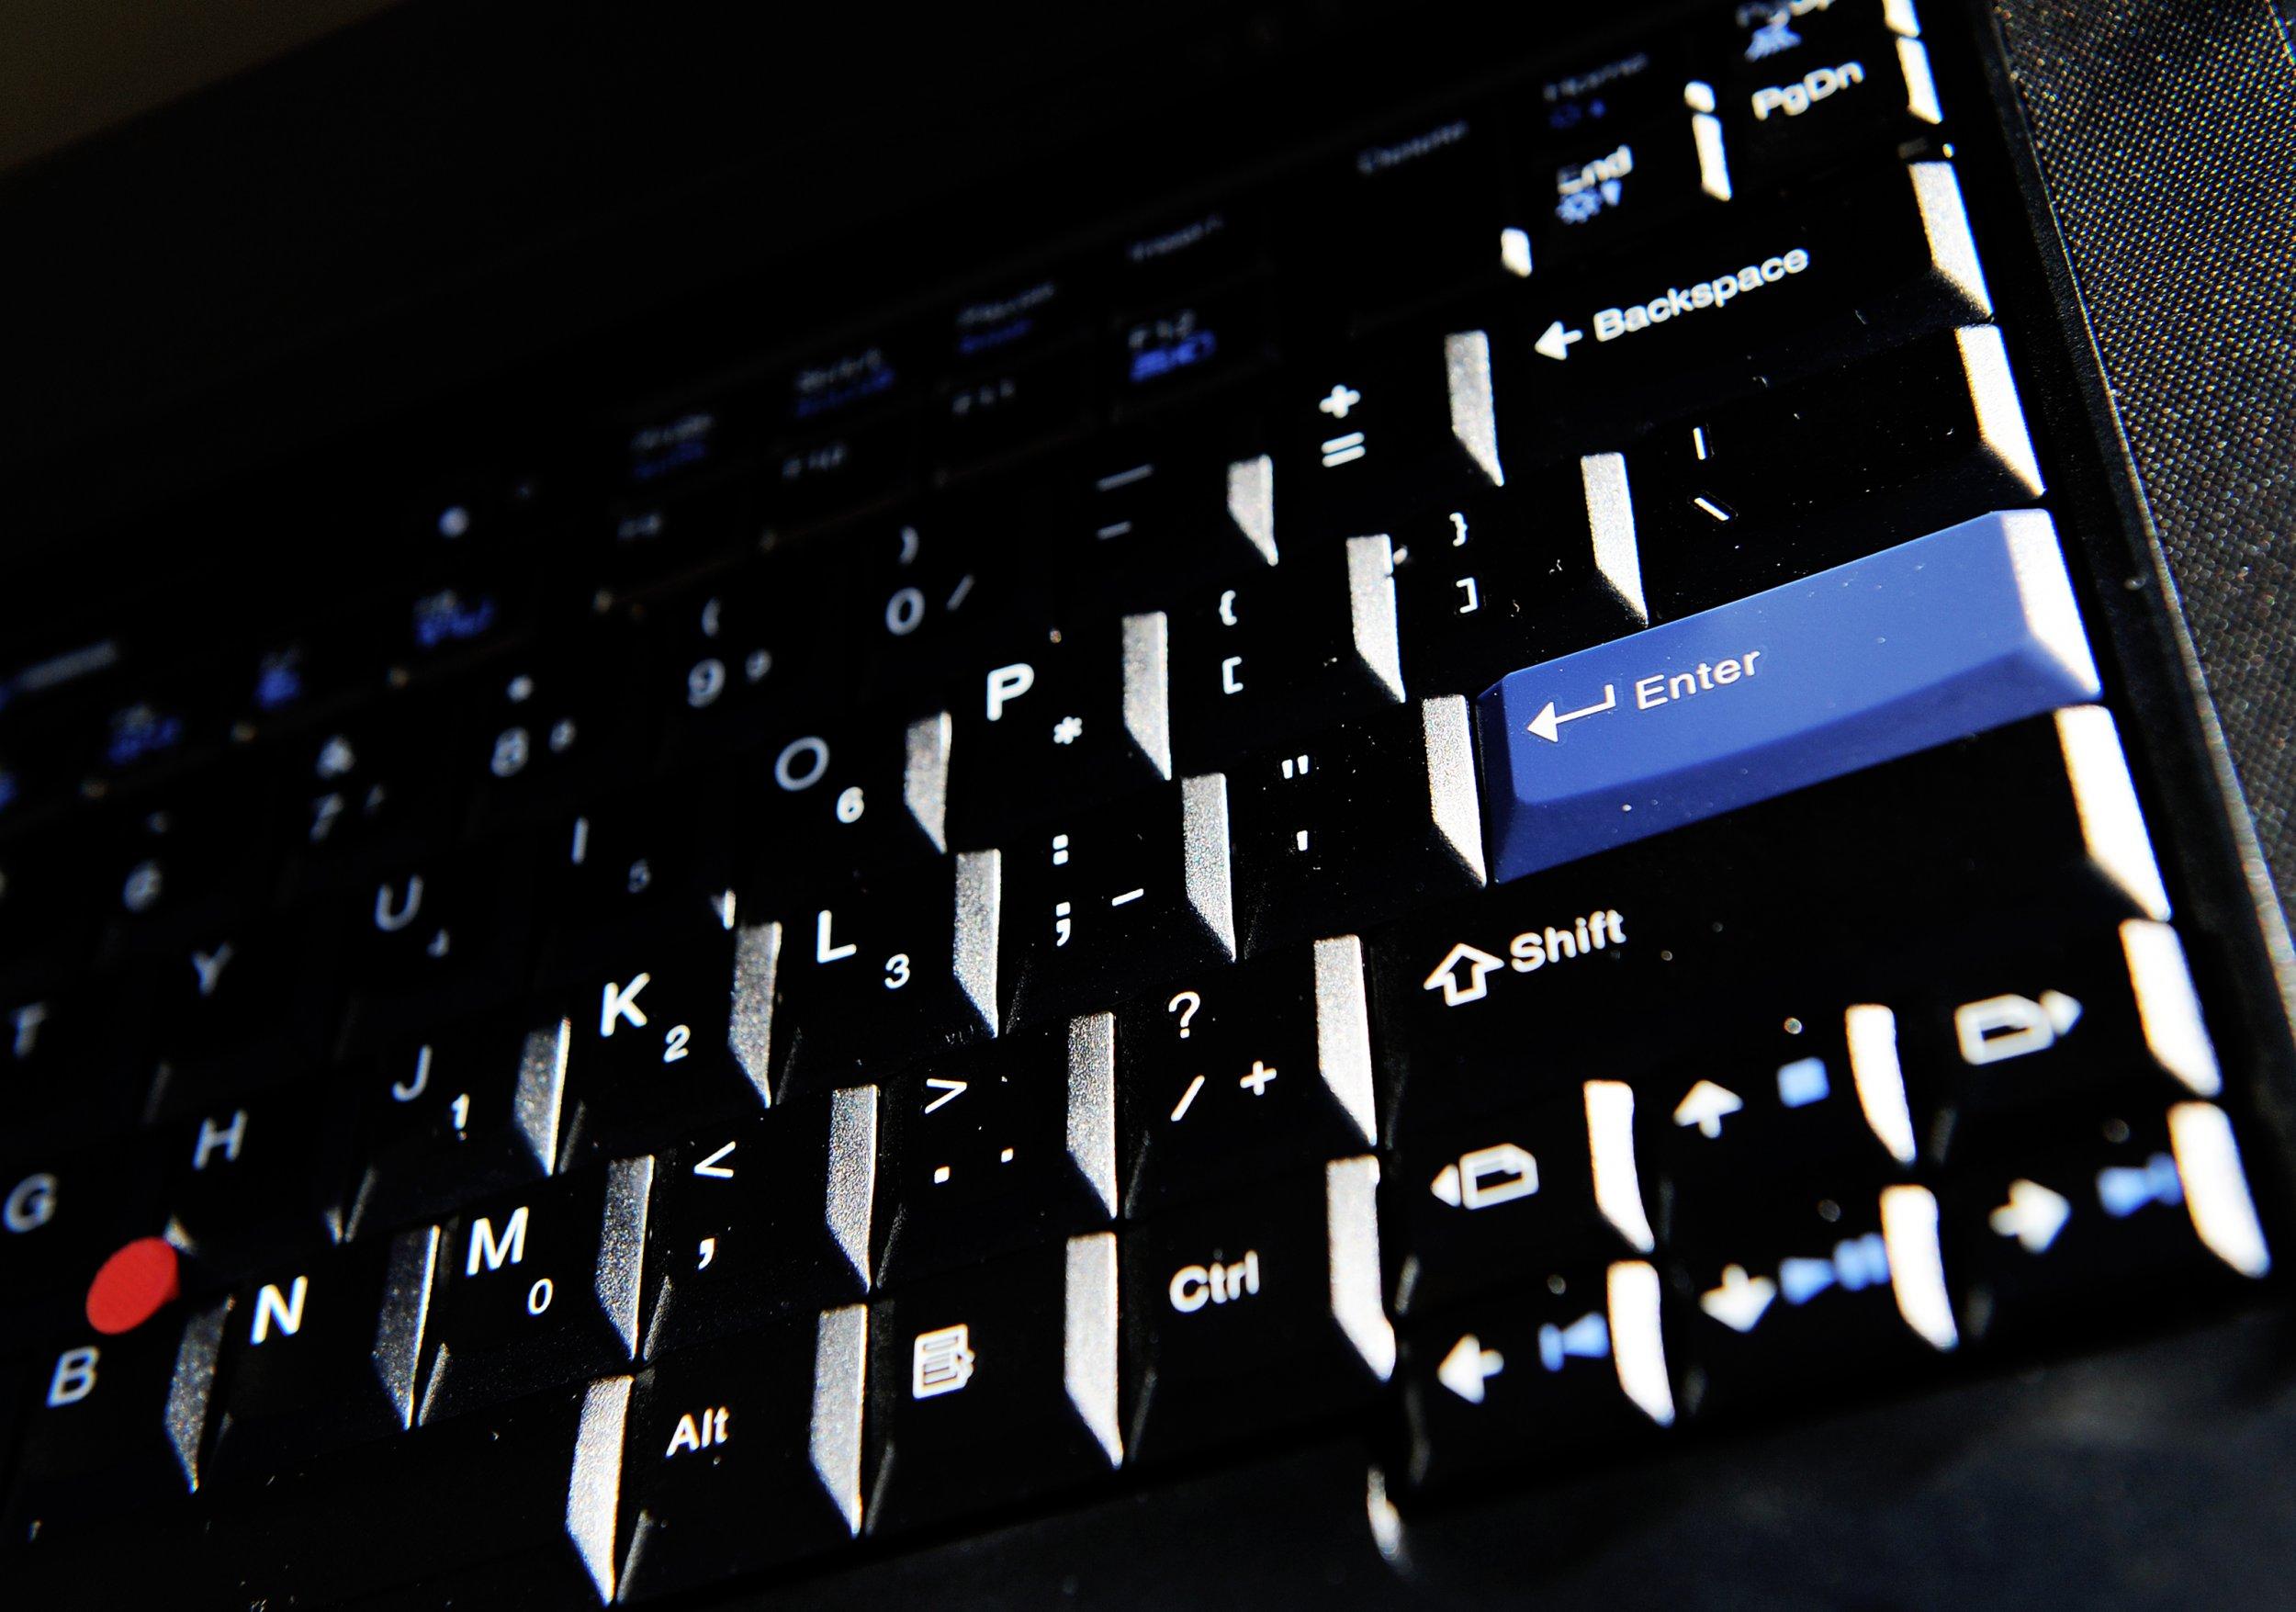 08_05_computer keyboard